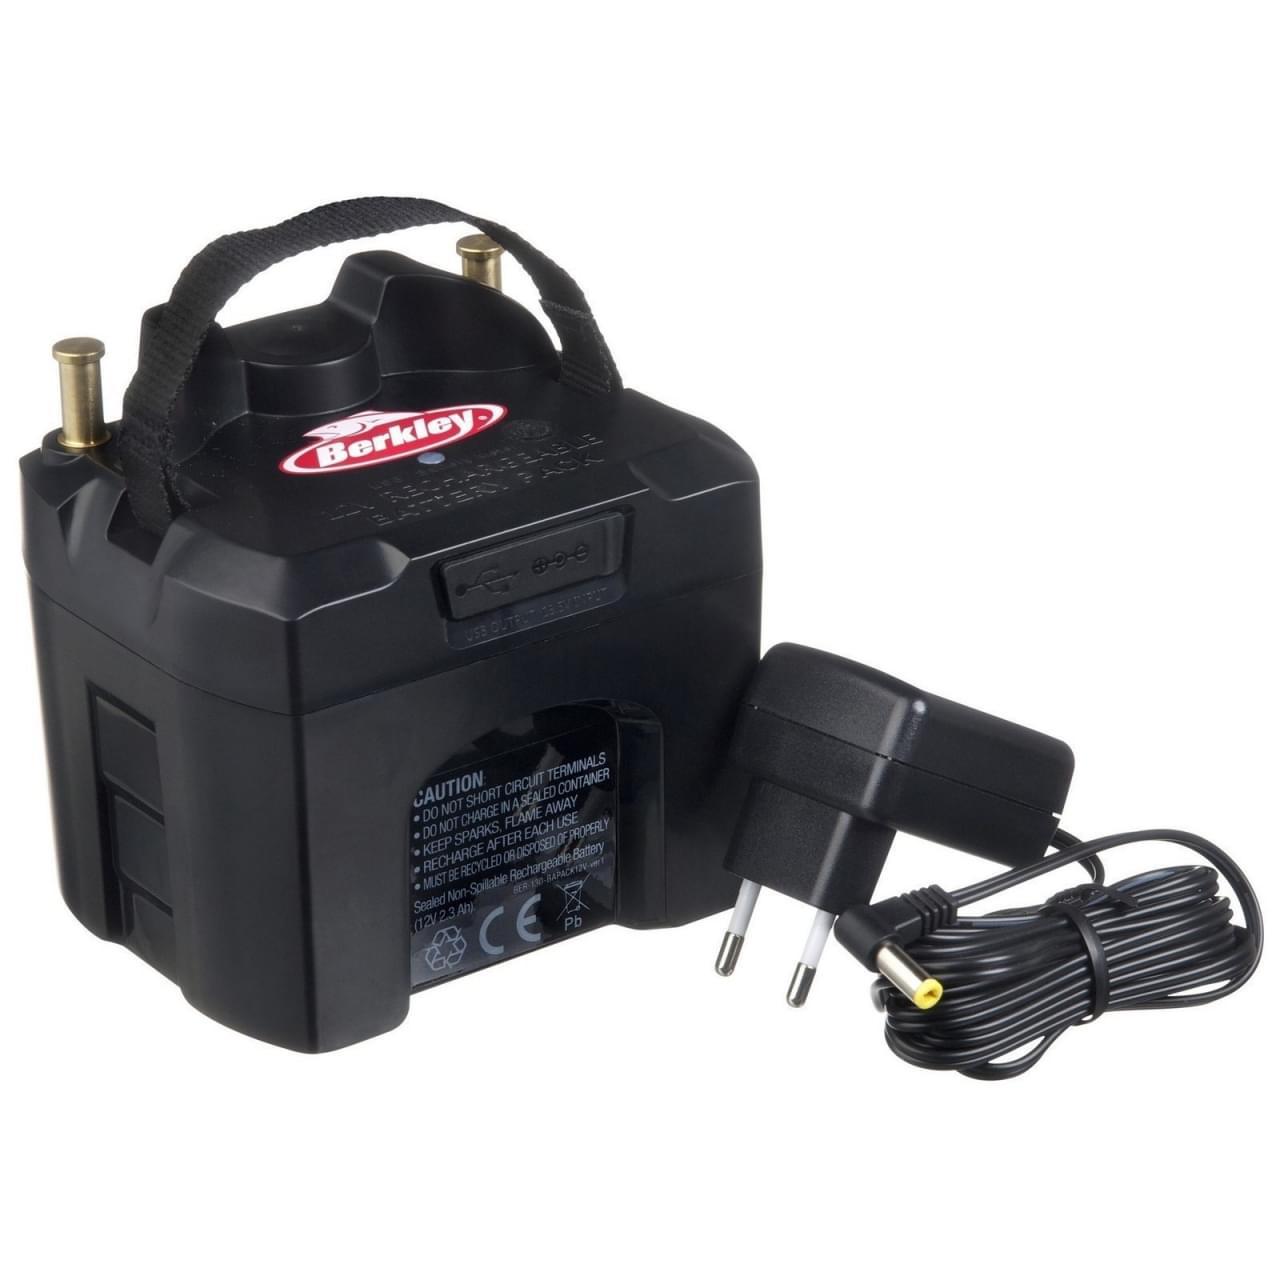 Berkley Fishing Gear Battery System